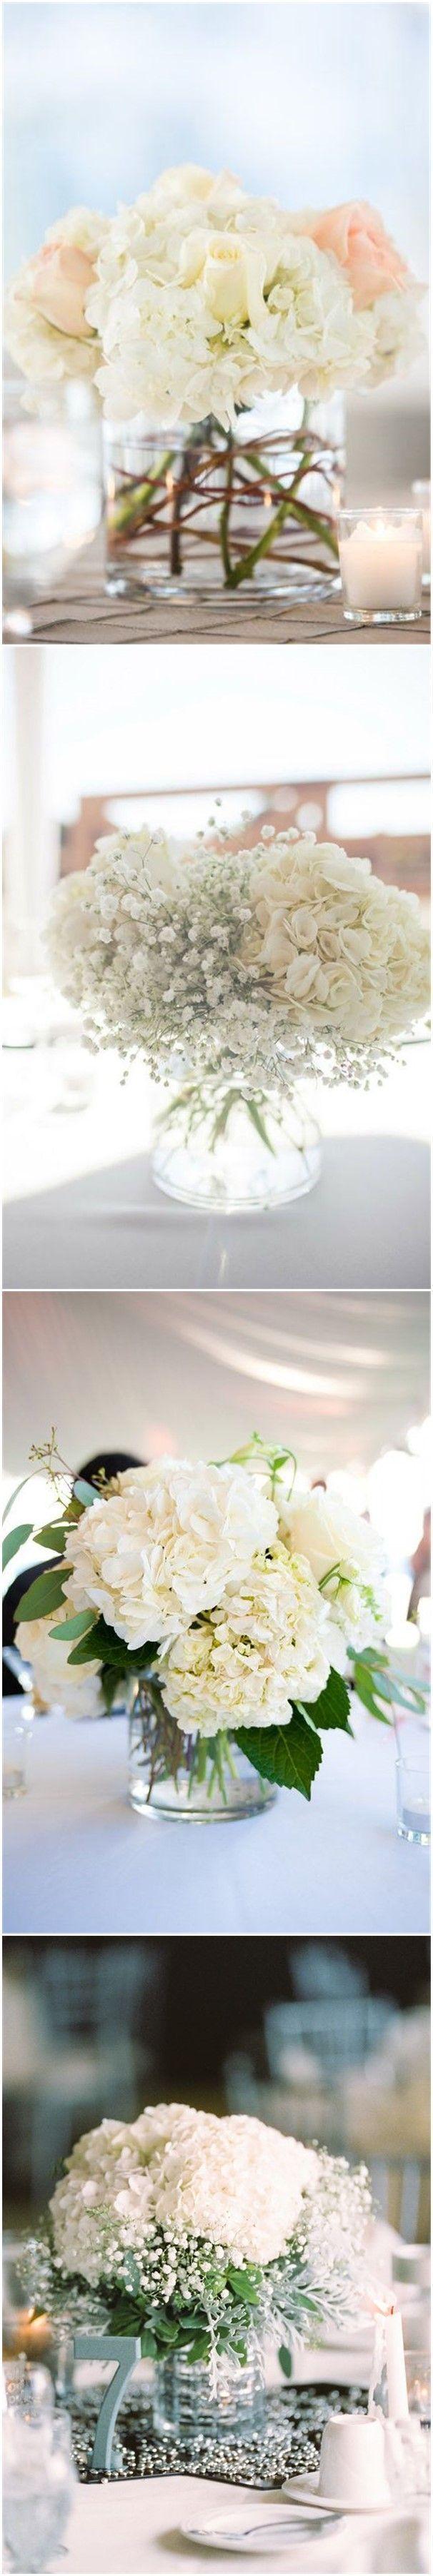 Wedding Centerpieces » 21 Simple Yet Rustic DIY Hydrangea Wedding Centerpieces Ideas